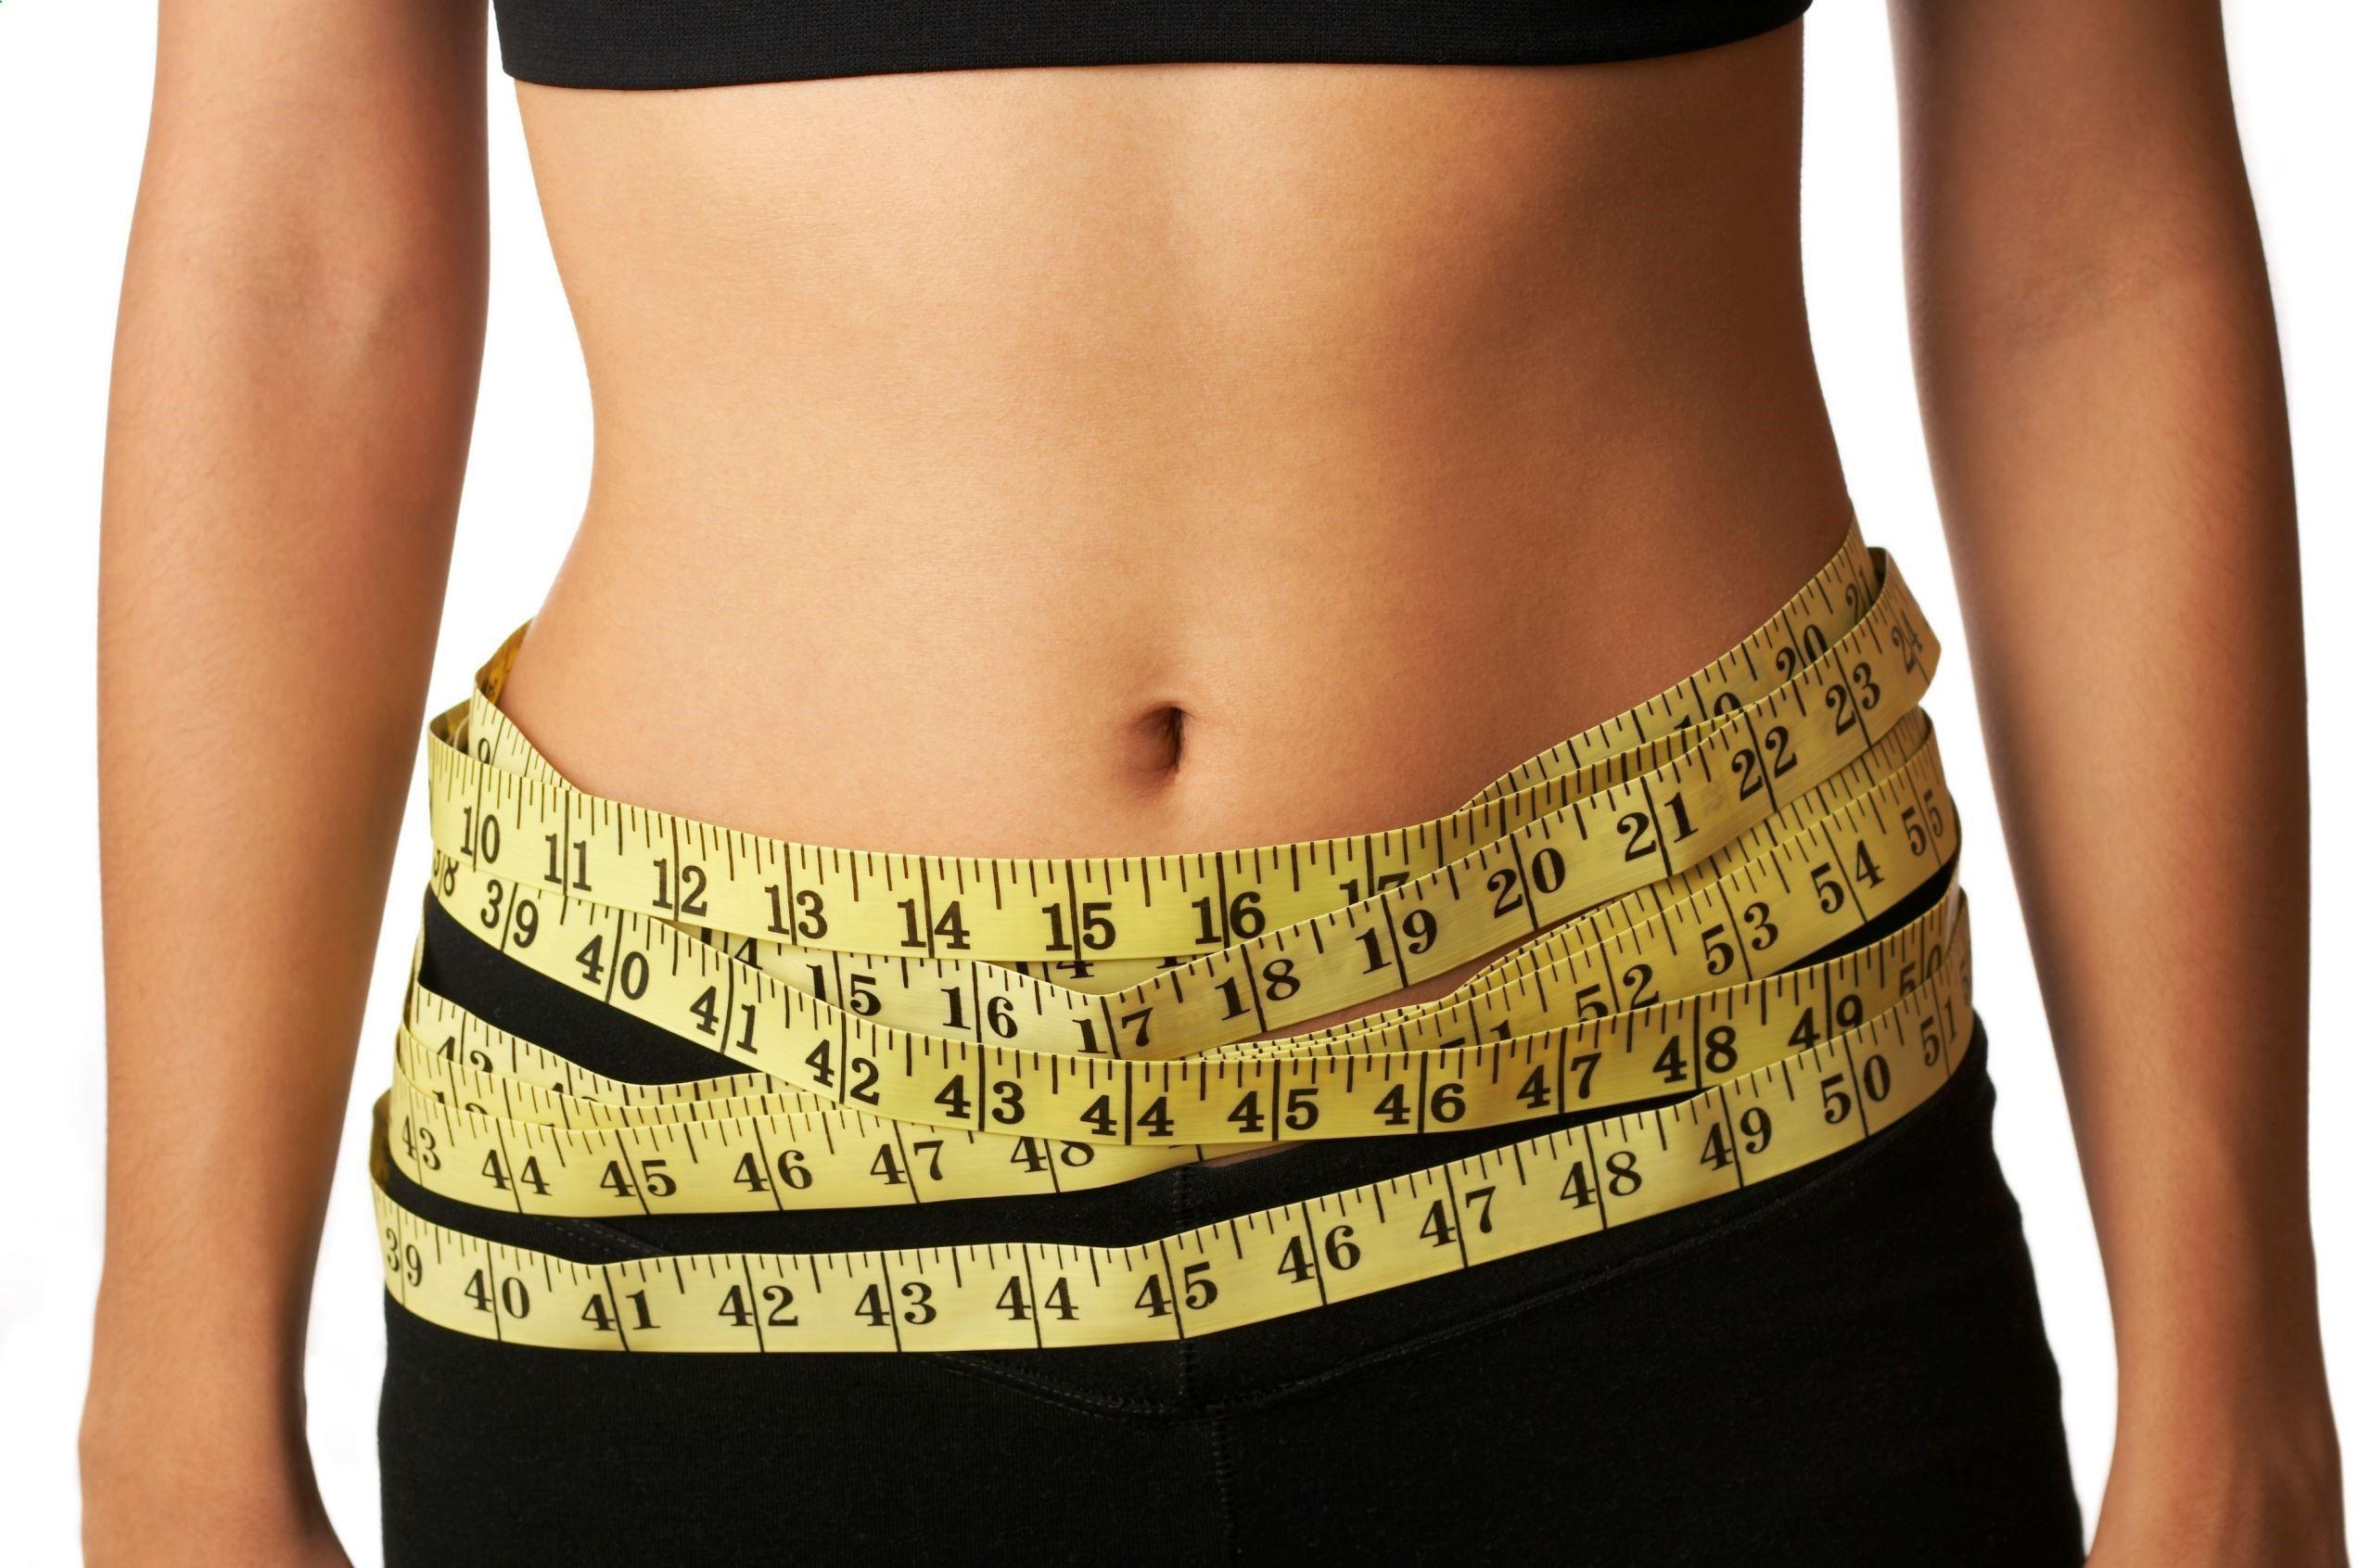 Burning body fat science